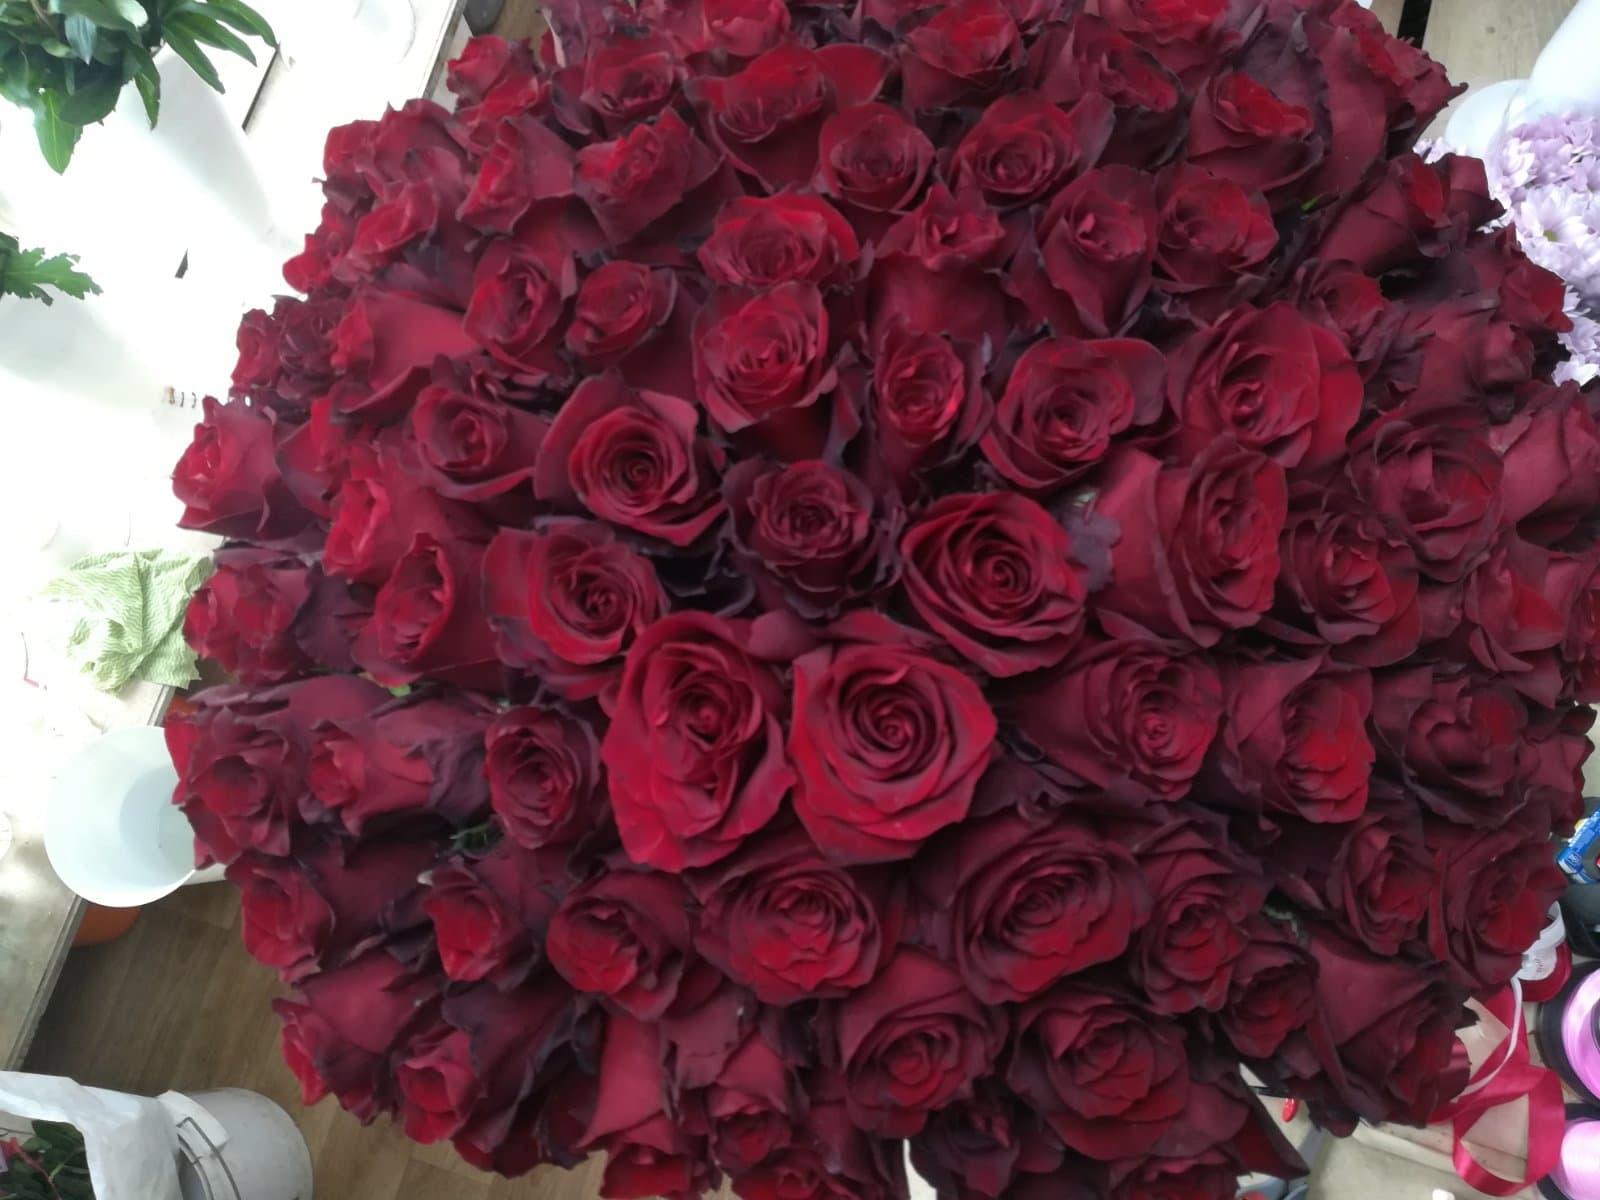 Красиве доповнення до подарунка – у Луцьку купити квіти пропонують із доставкою*